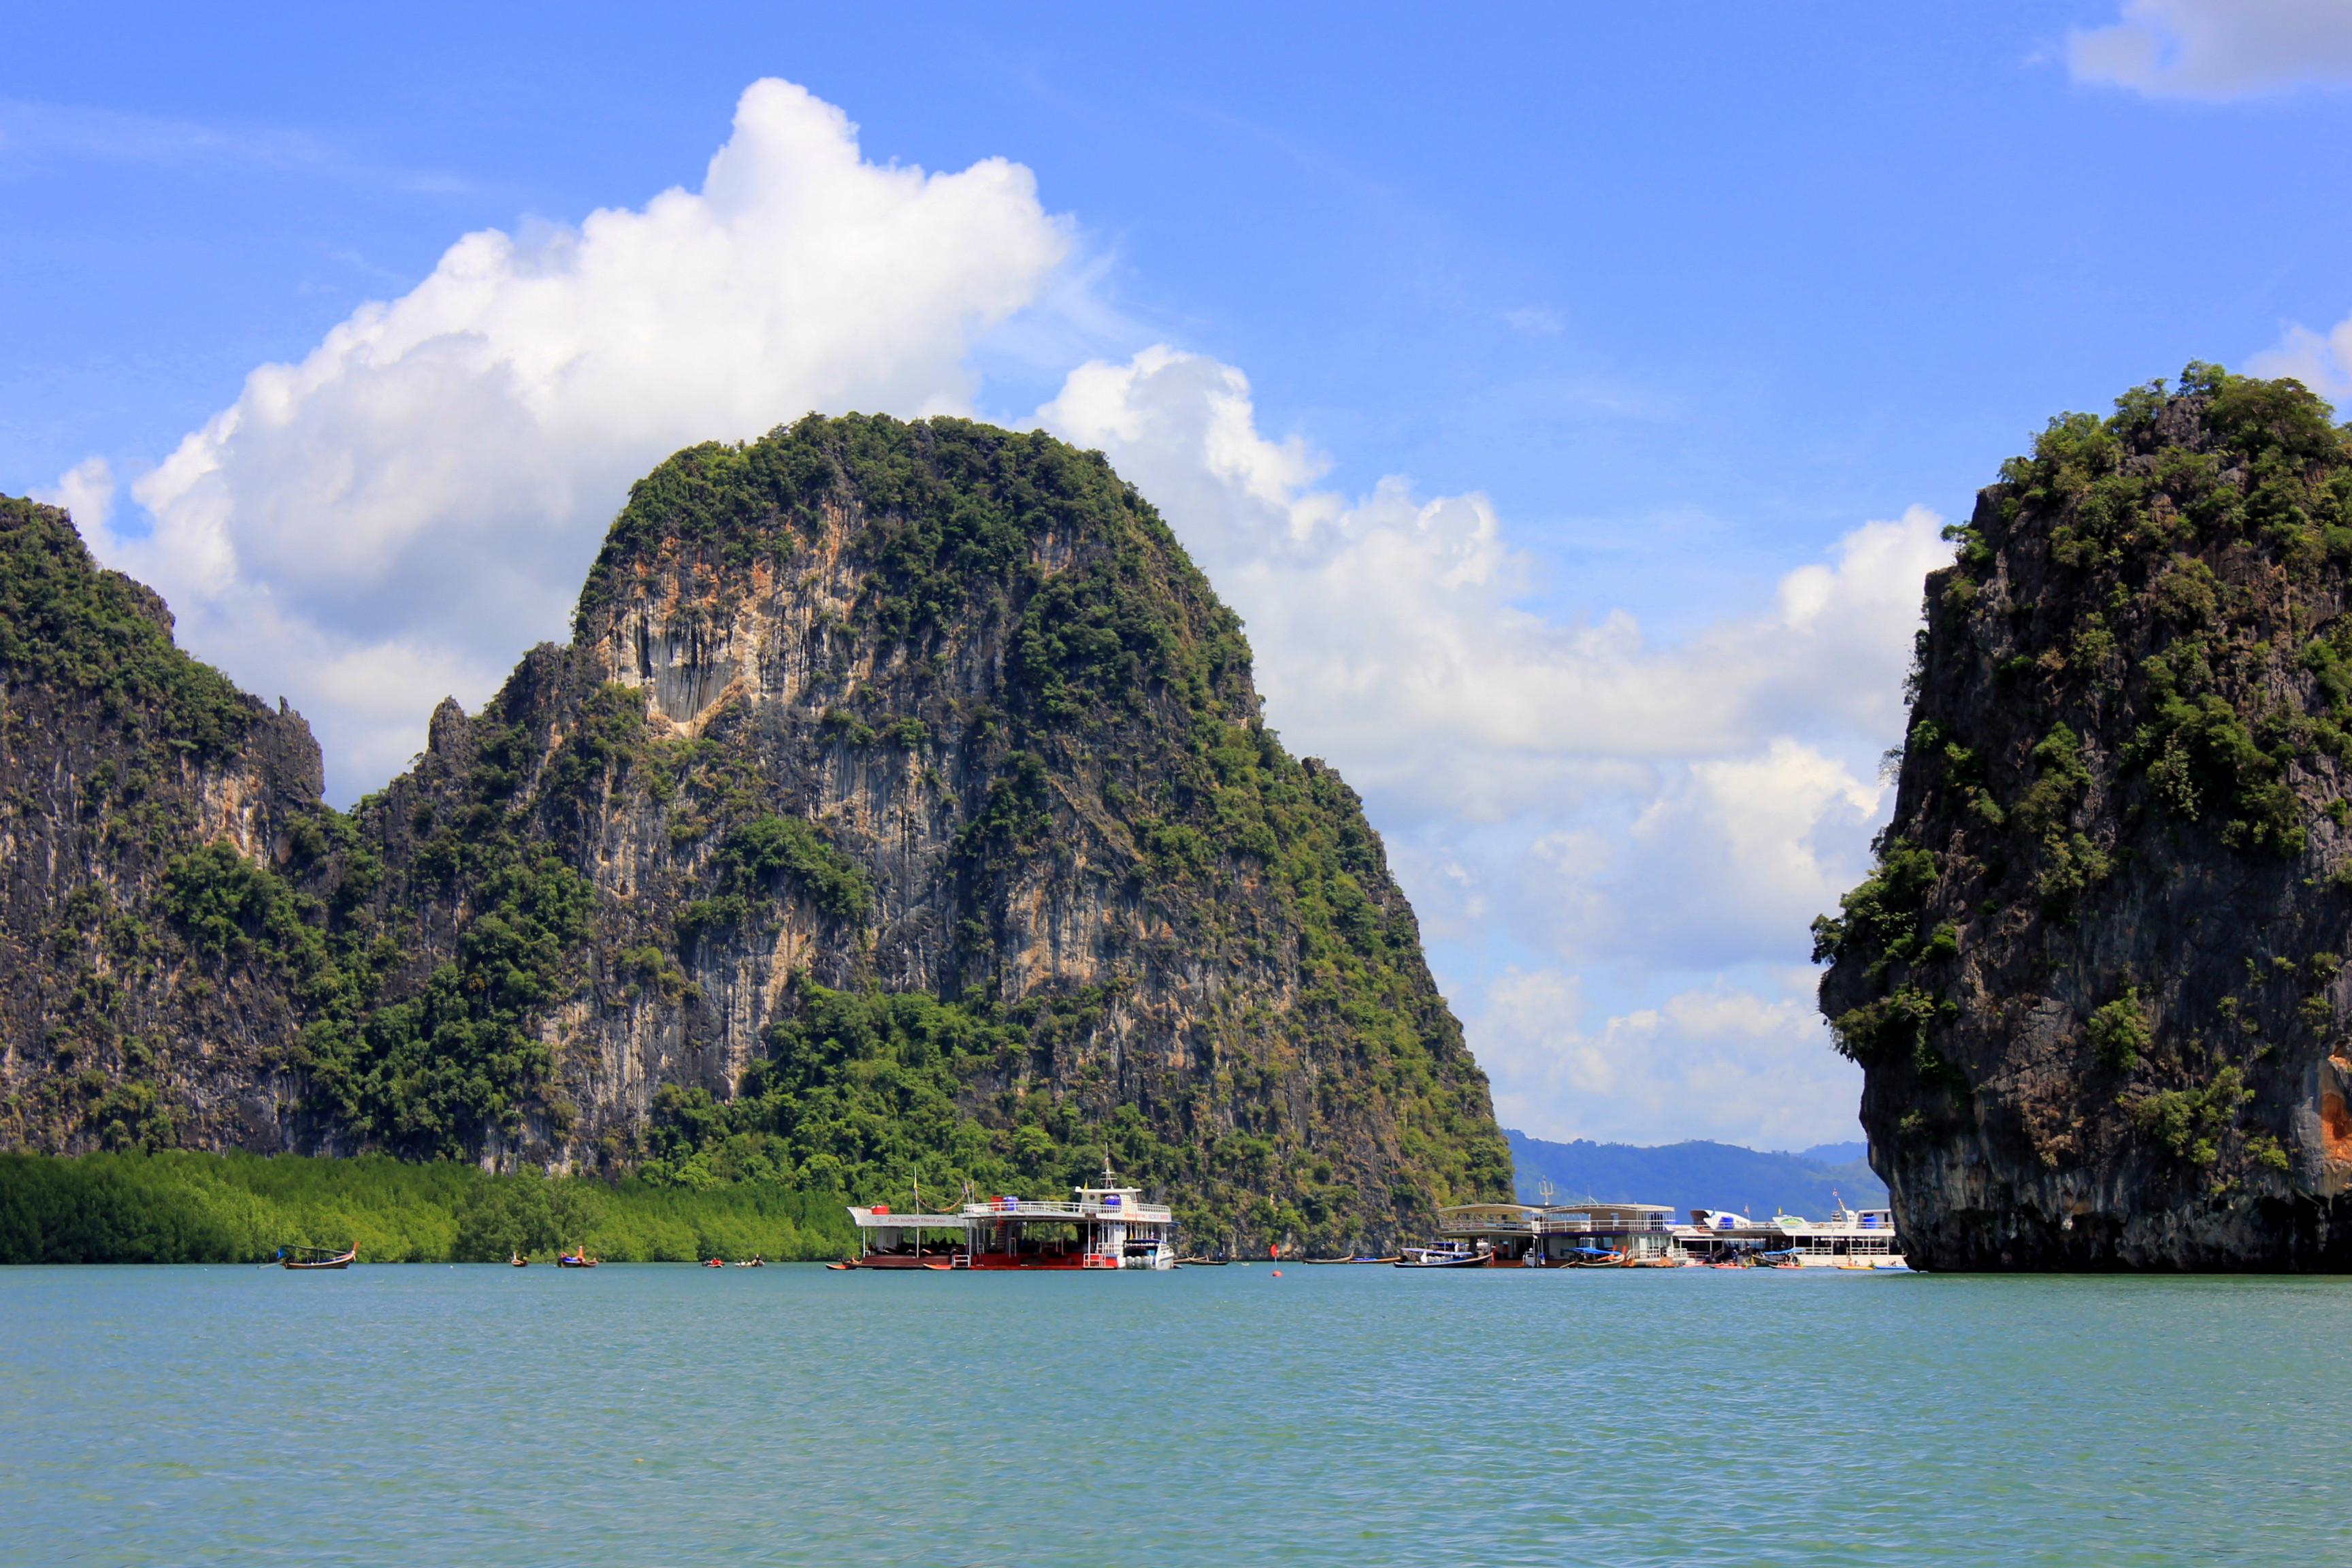 Phang Nga was spectacular